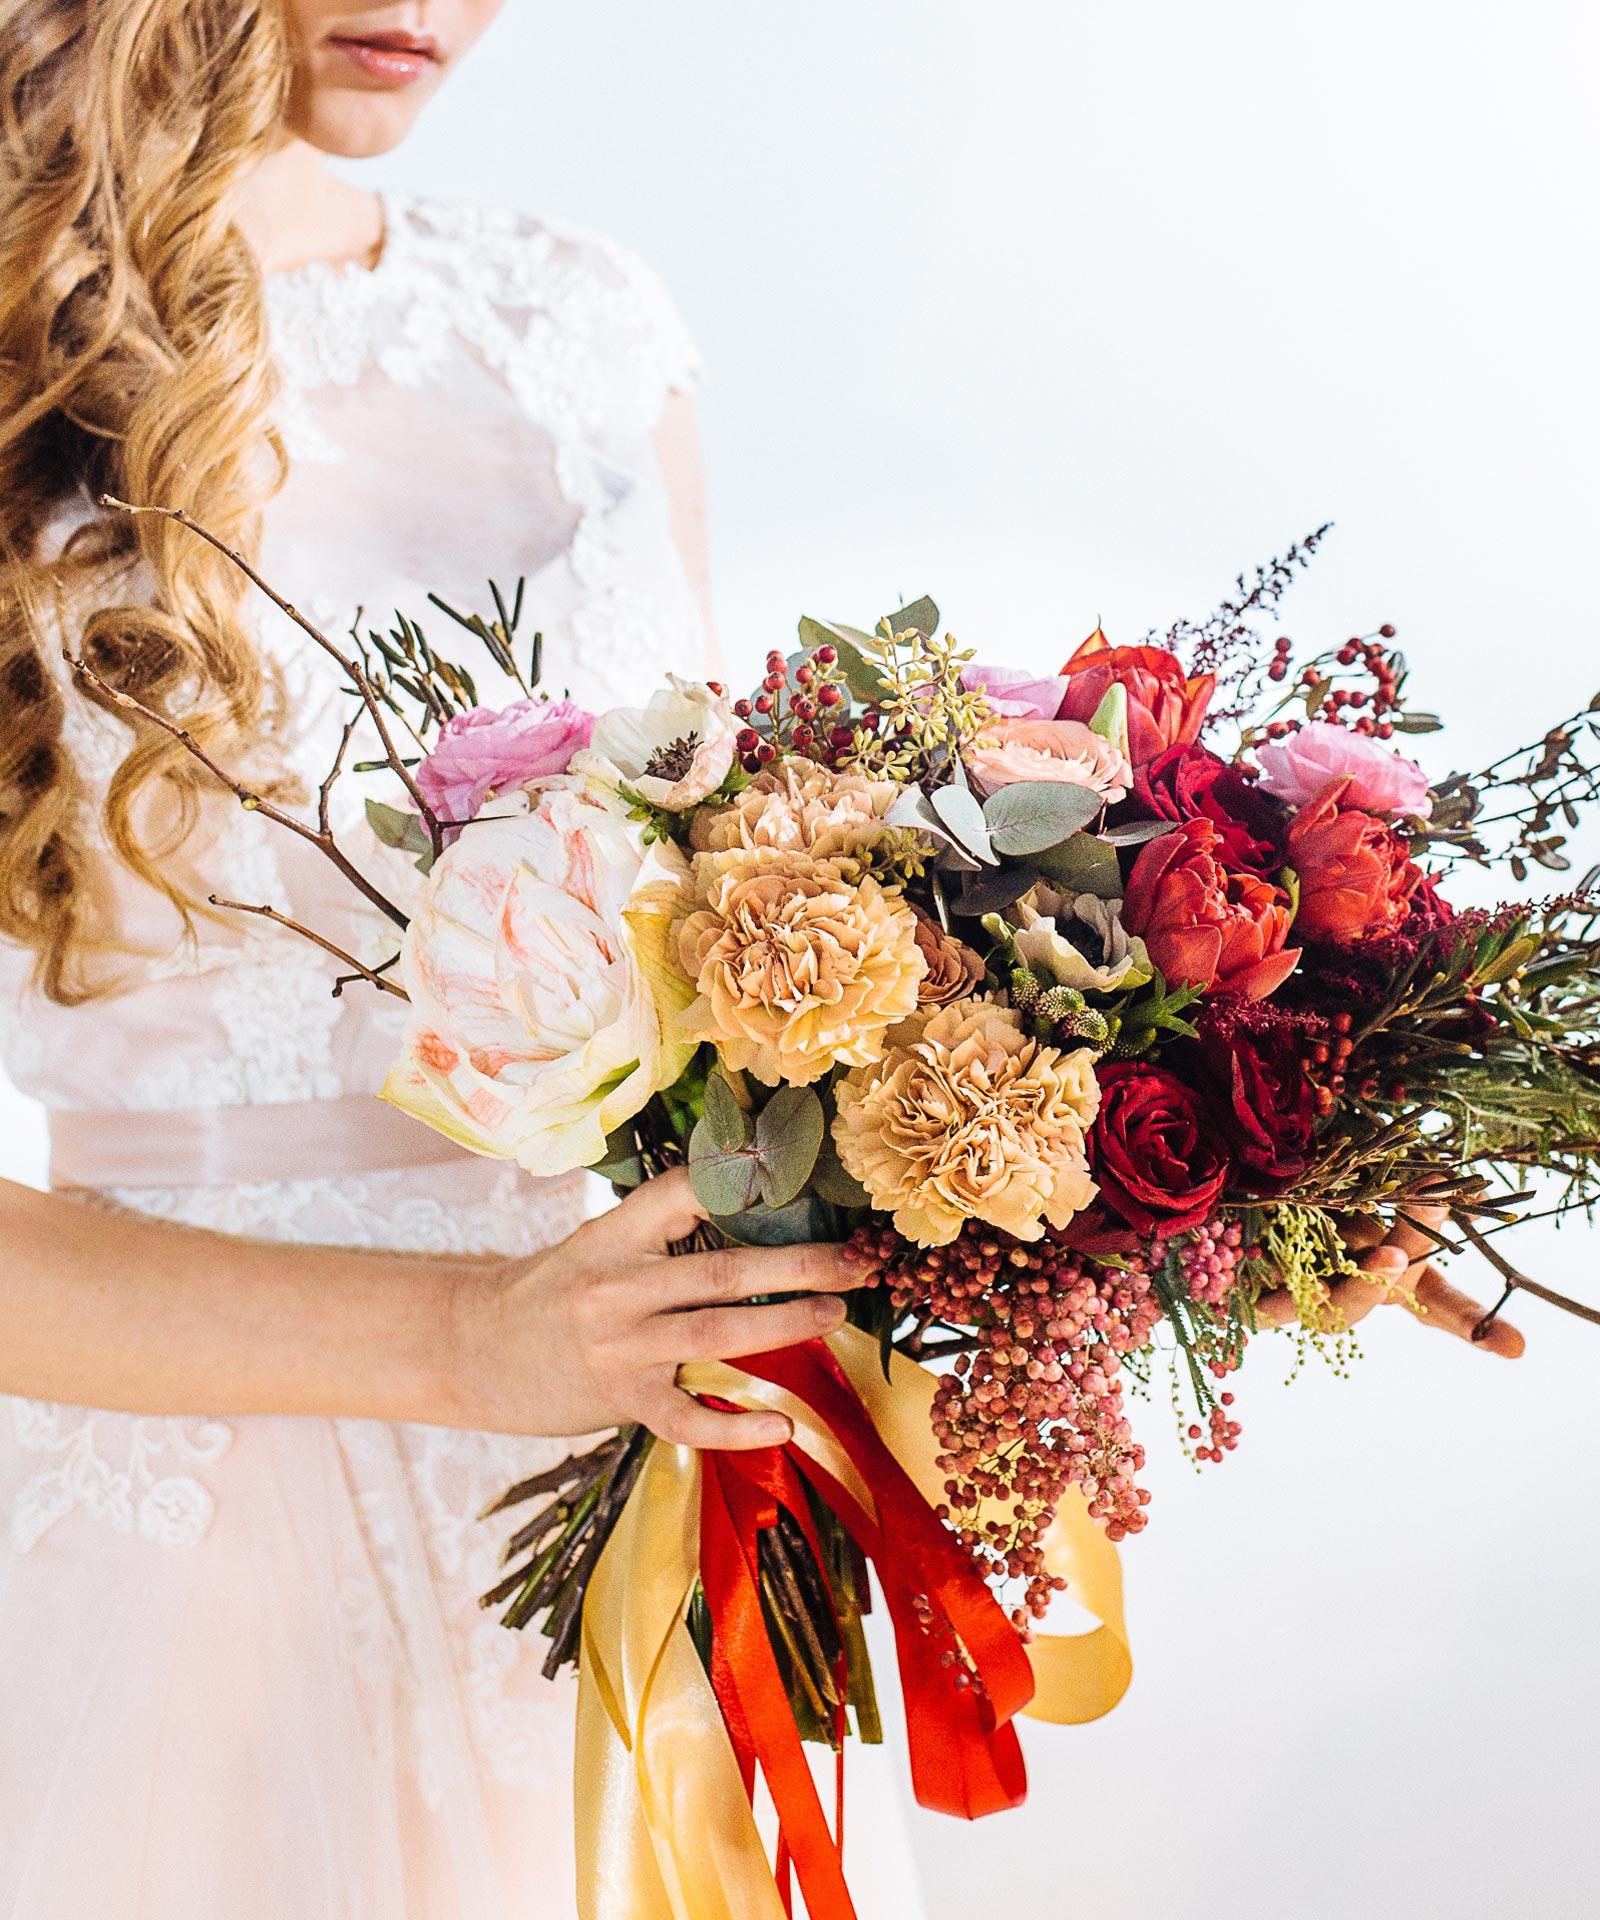 Асимметричный букет для невесты фото 3